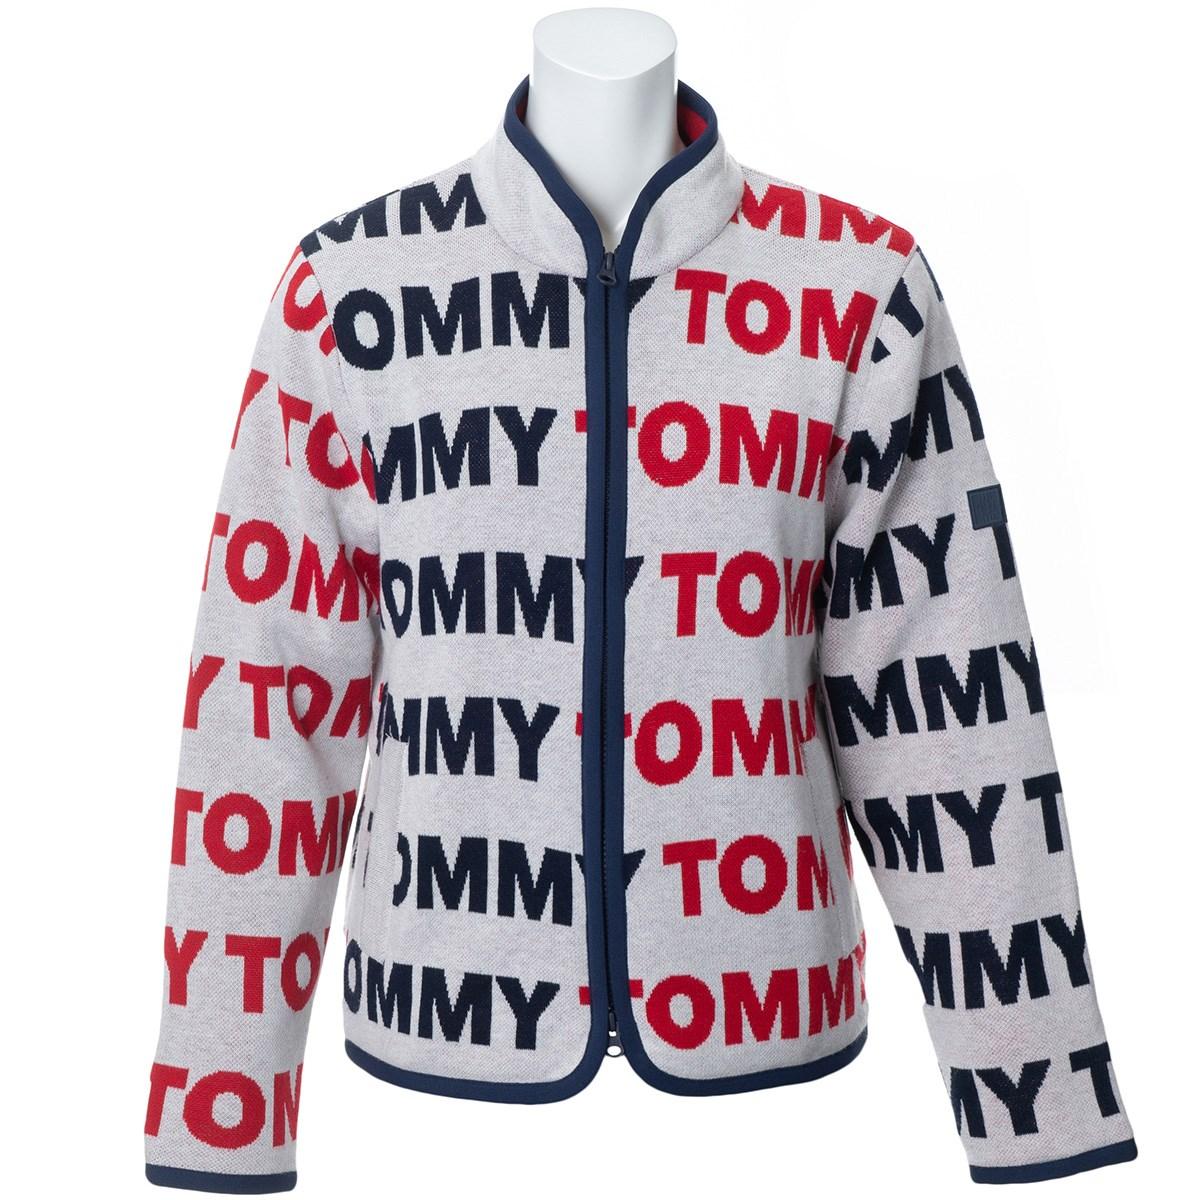 トミー ヒルフィガー ゴルフ TOMMY HILFIGER GOLF ロゴ ジップアップセーター L ホワイト レディス